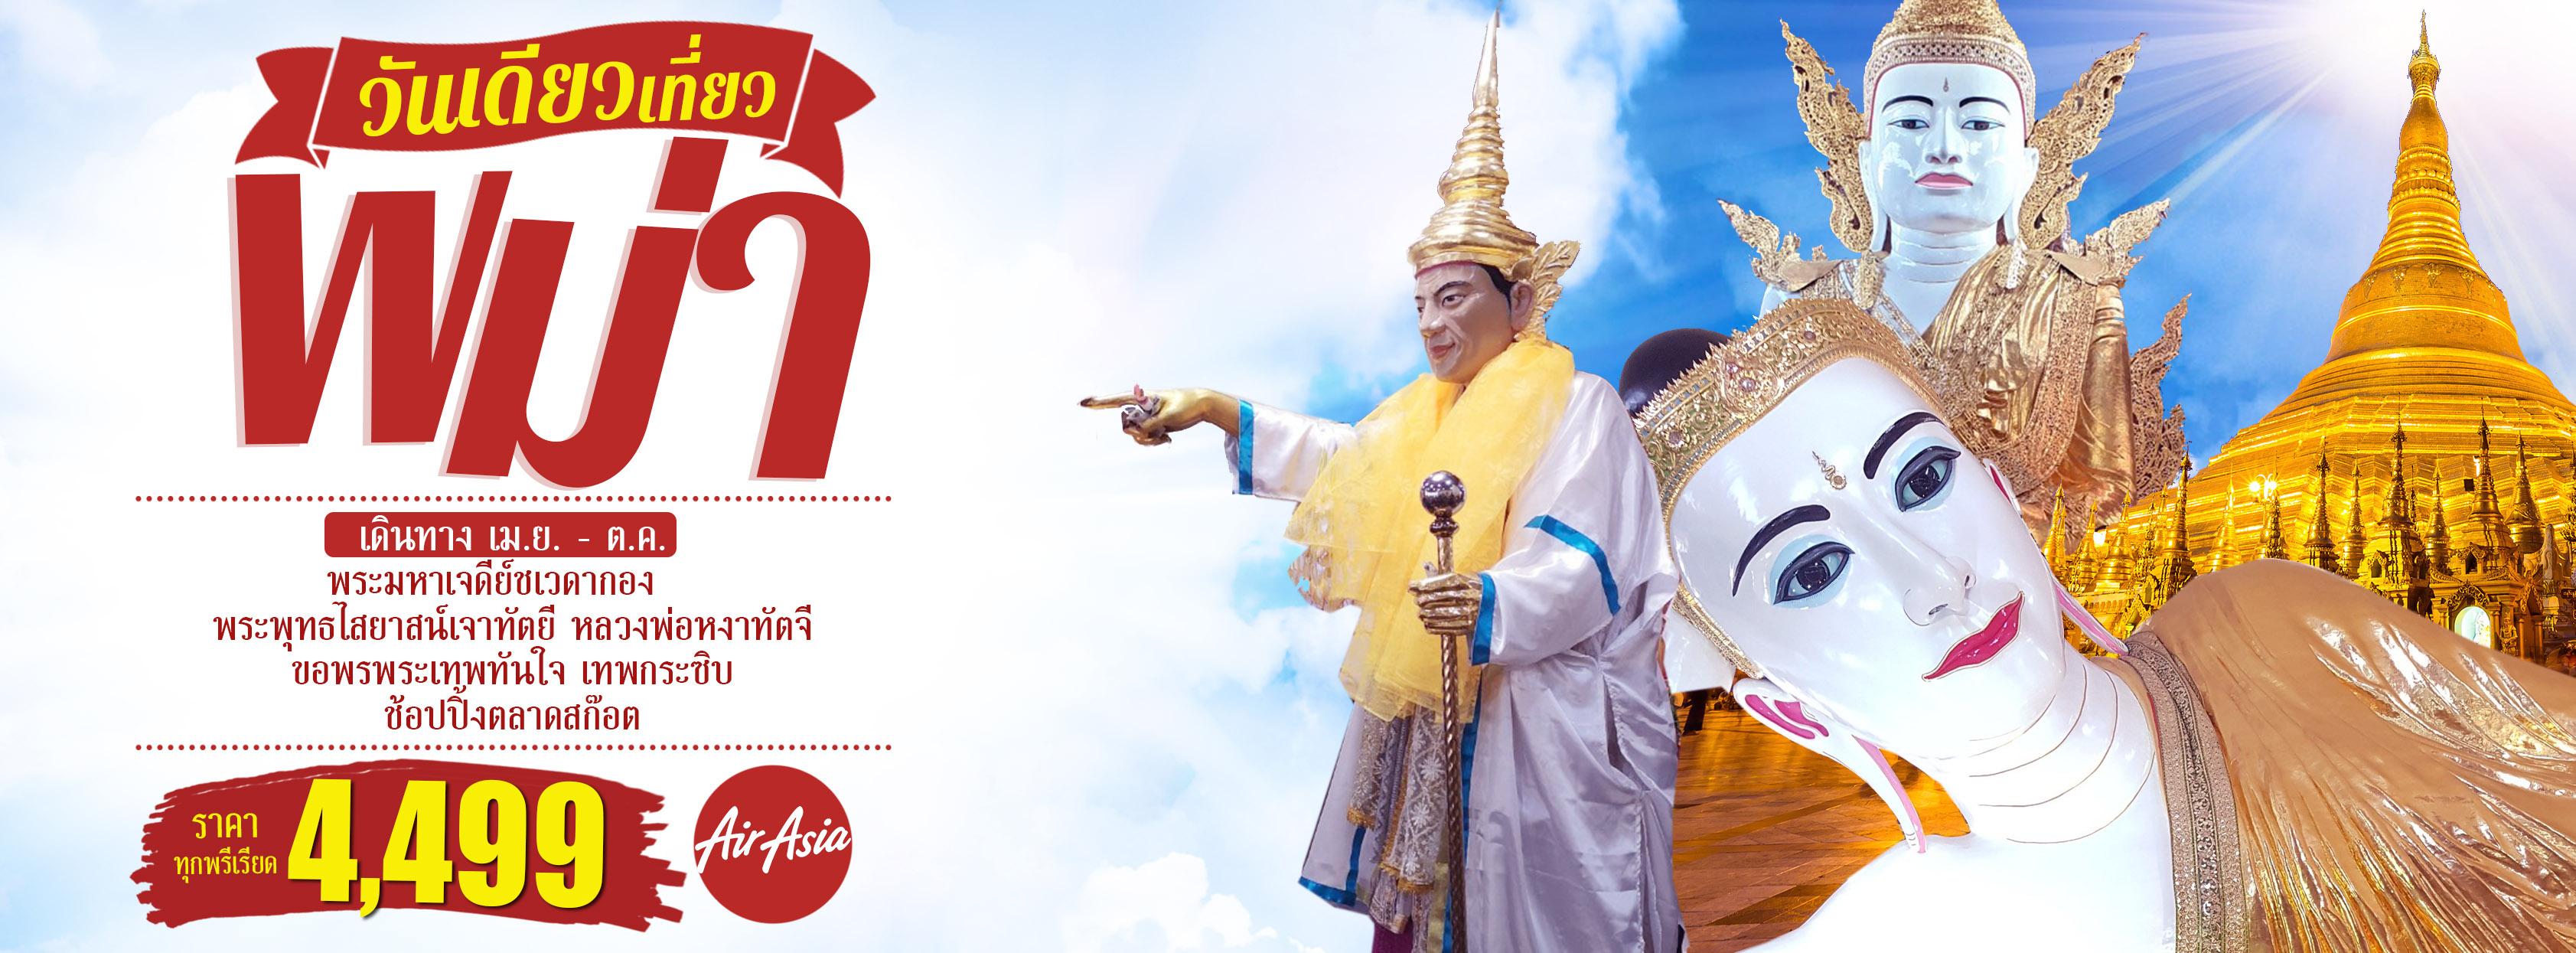 ทัวร์พม่า HASHTAG MYANMAR 1 DAY BY FD